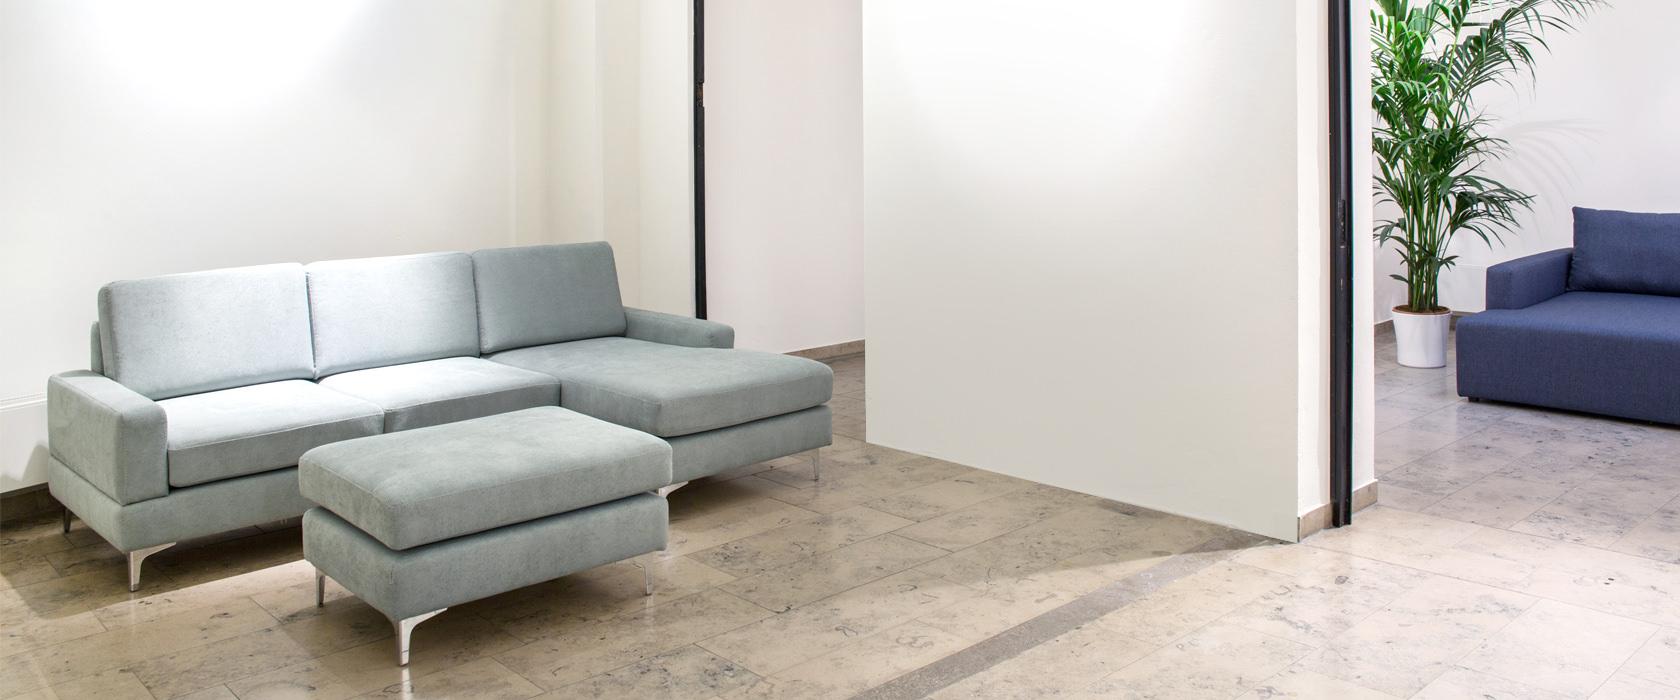 Кутовий диван Bruno - Фото 2 - Pufetto